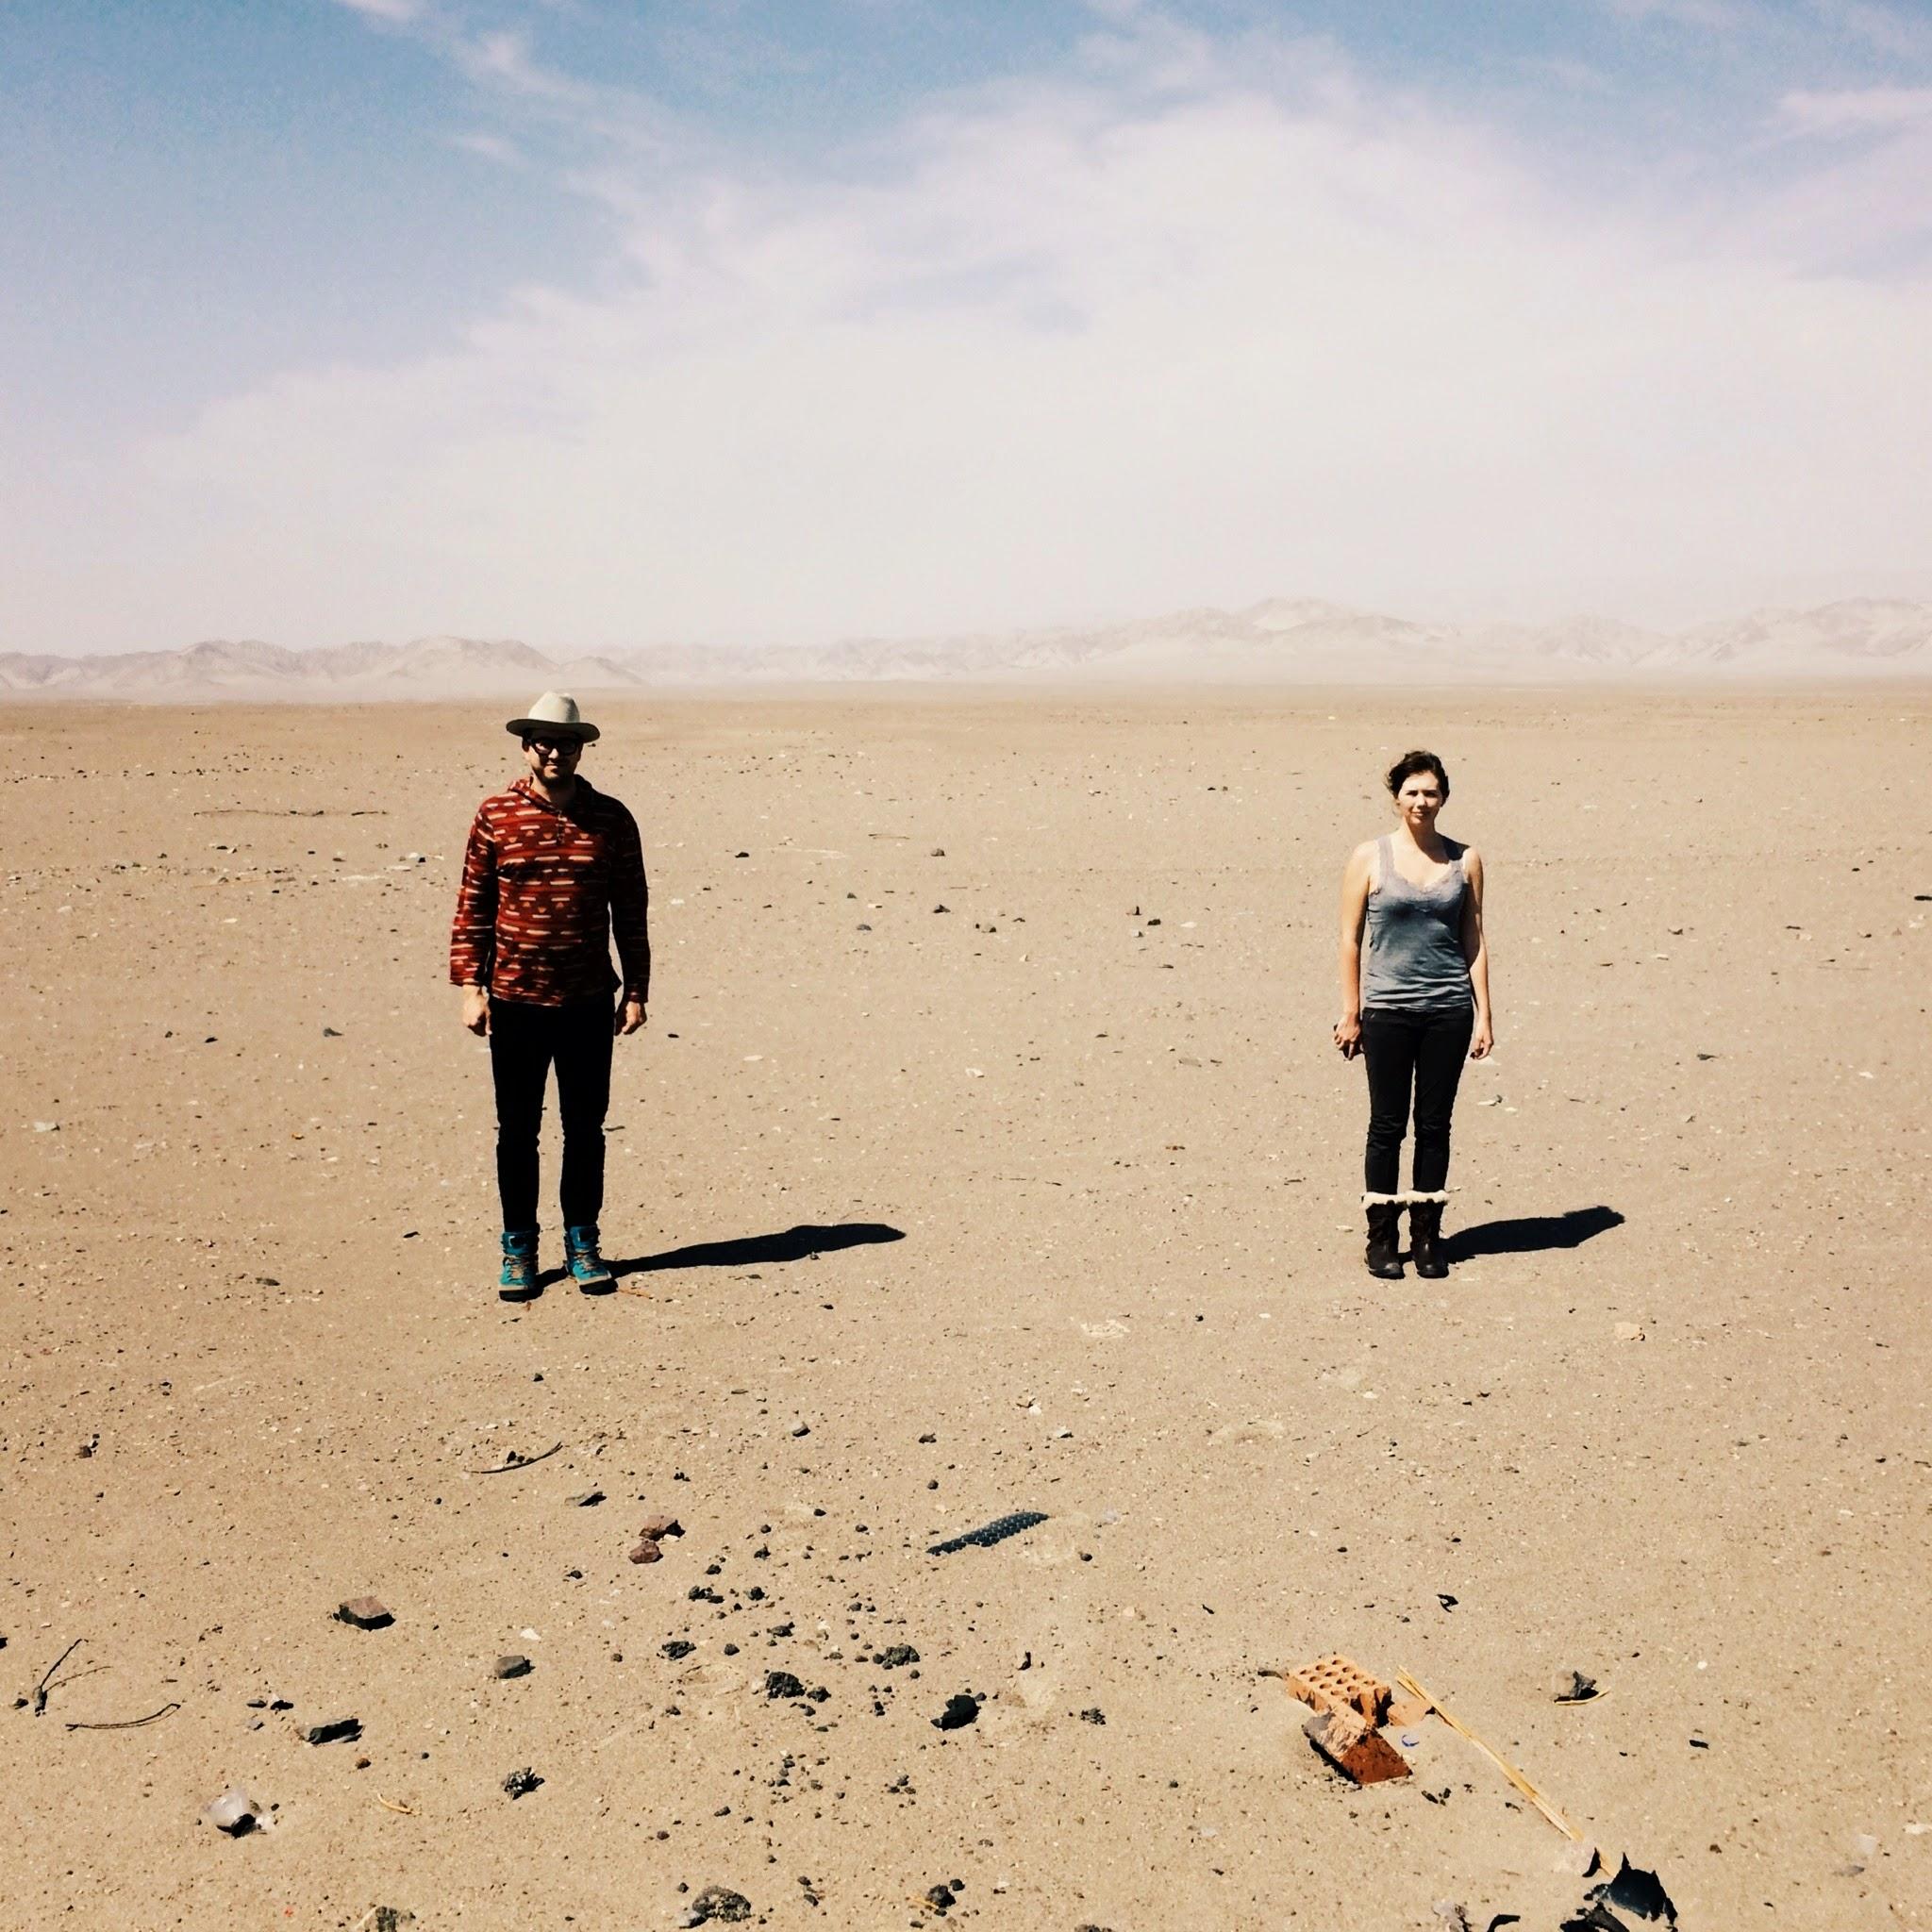 ATACAMA DESERT, PERU